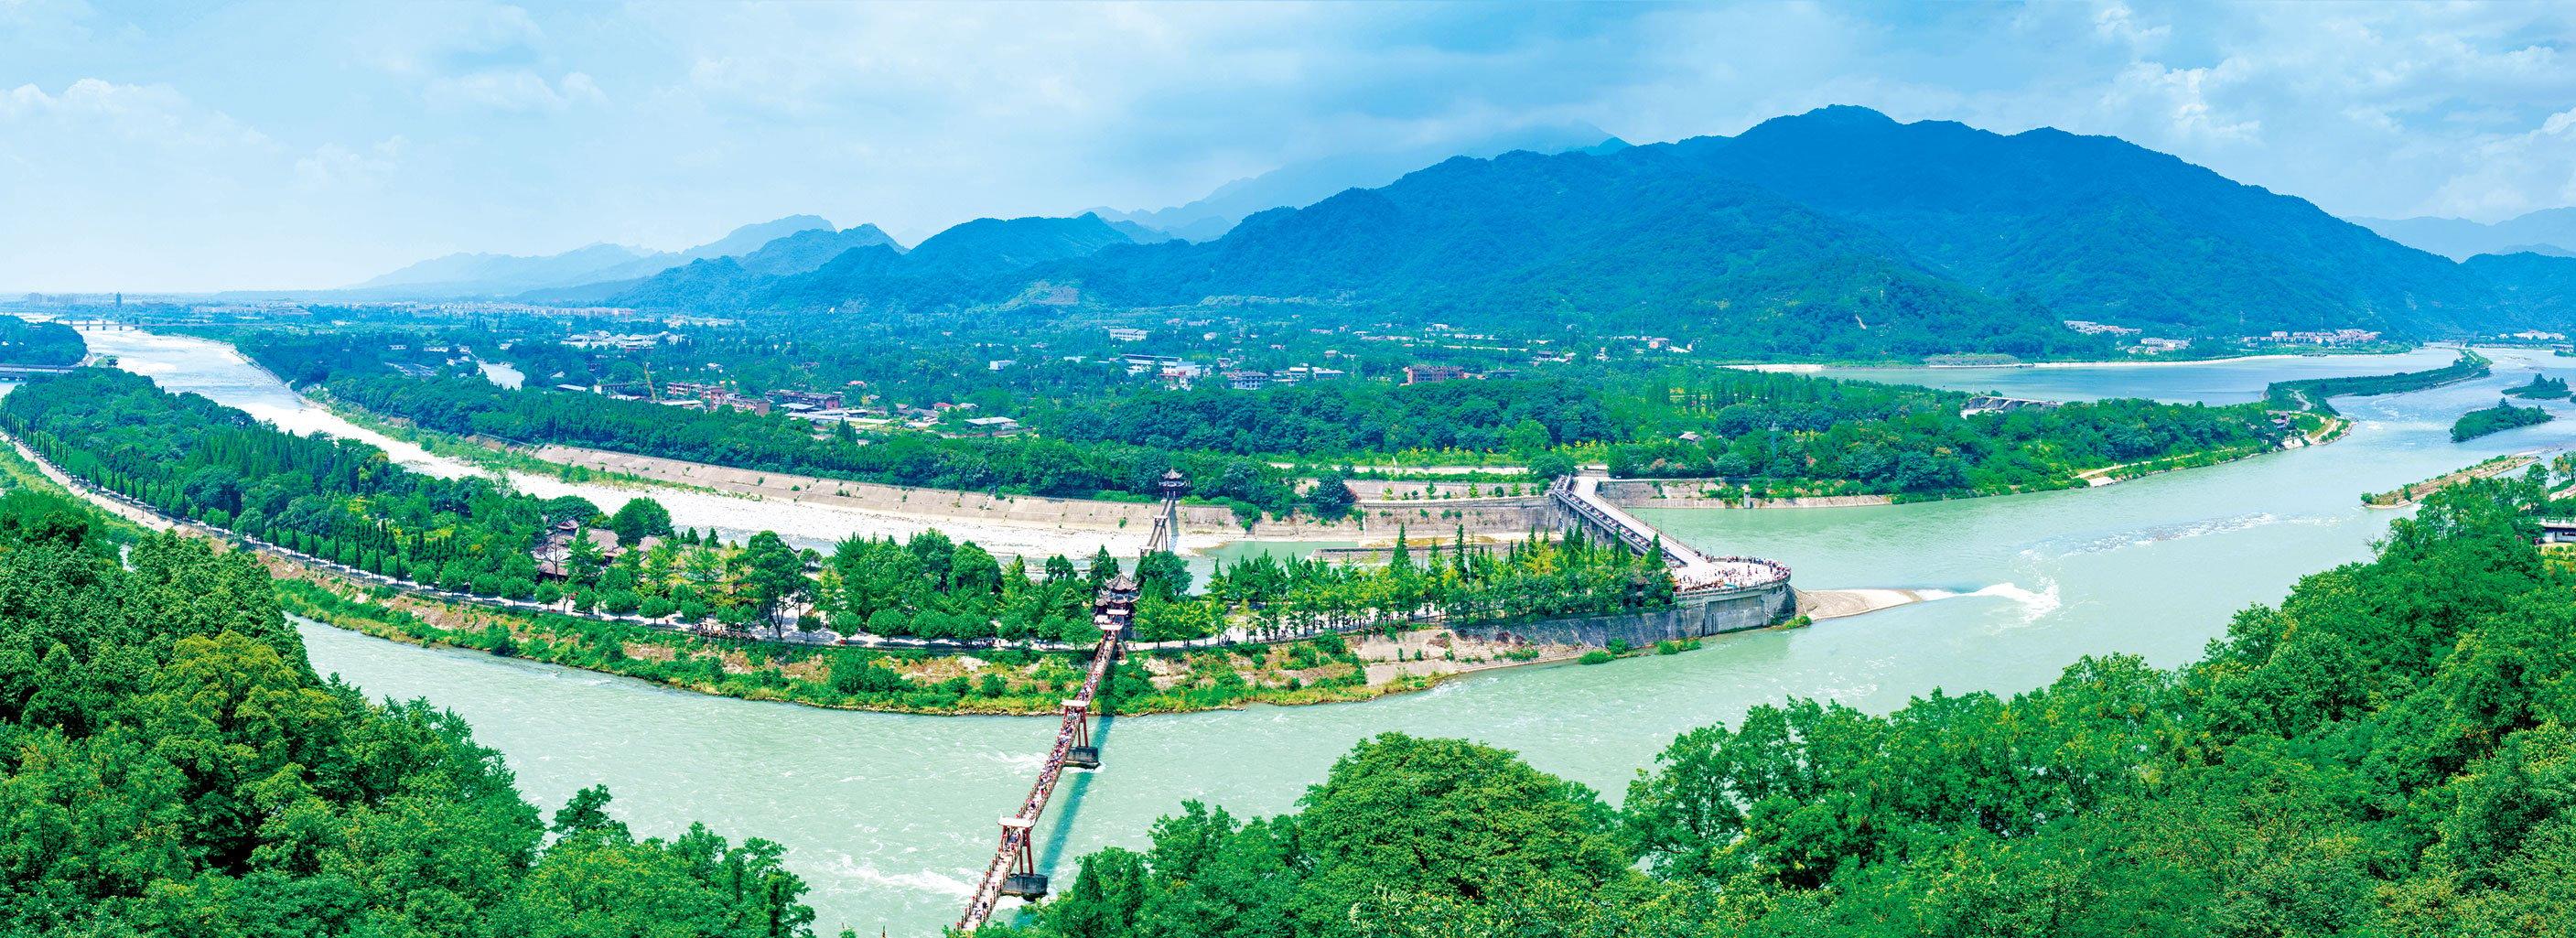 位在中國四川的都江堰,建成於紀元前,一直運轉至今,在公元2000年被列入世界文化遺產之一。(Shutterstock)